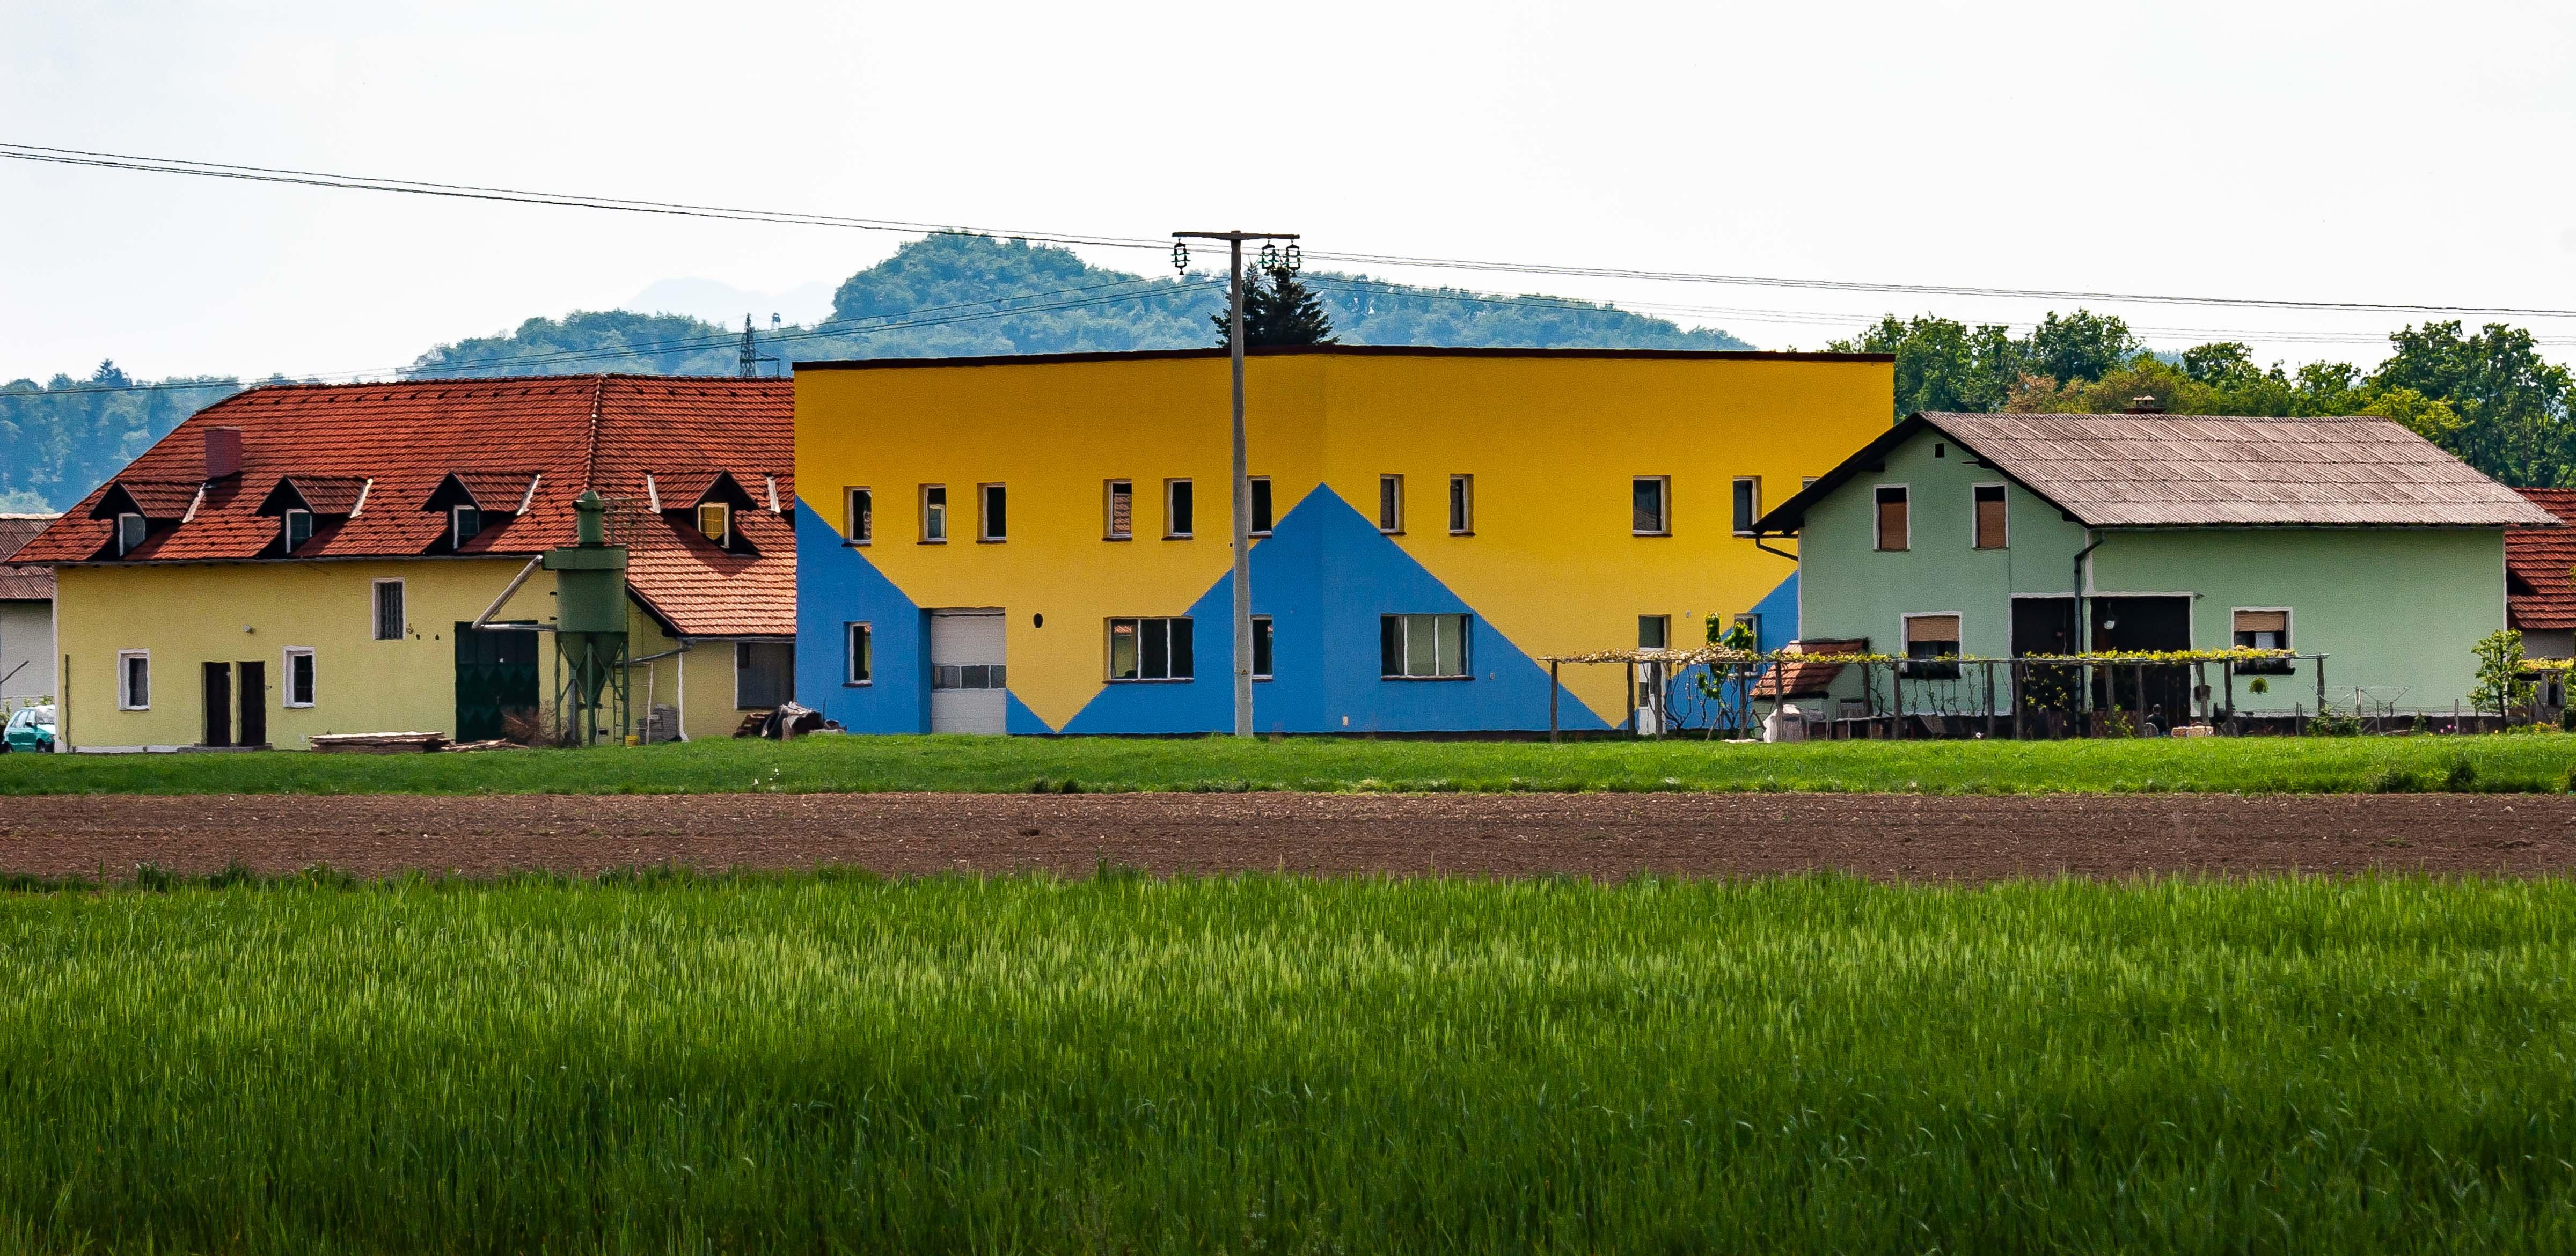 Slovenia, Markovci Prov, Buildings, 2006, IMG 5411